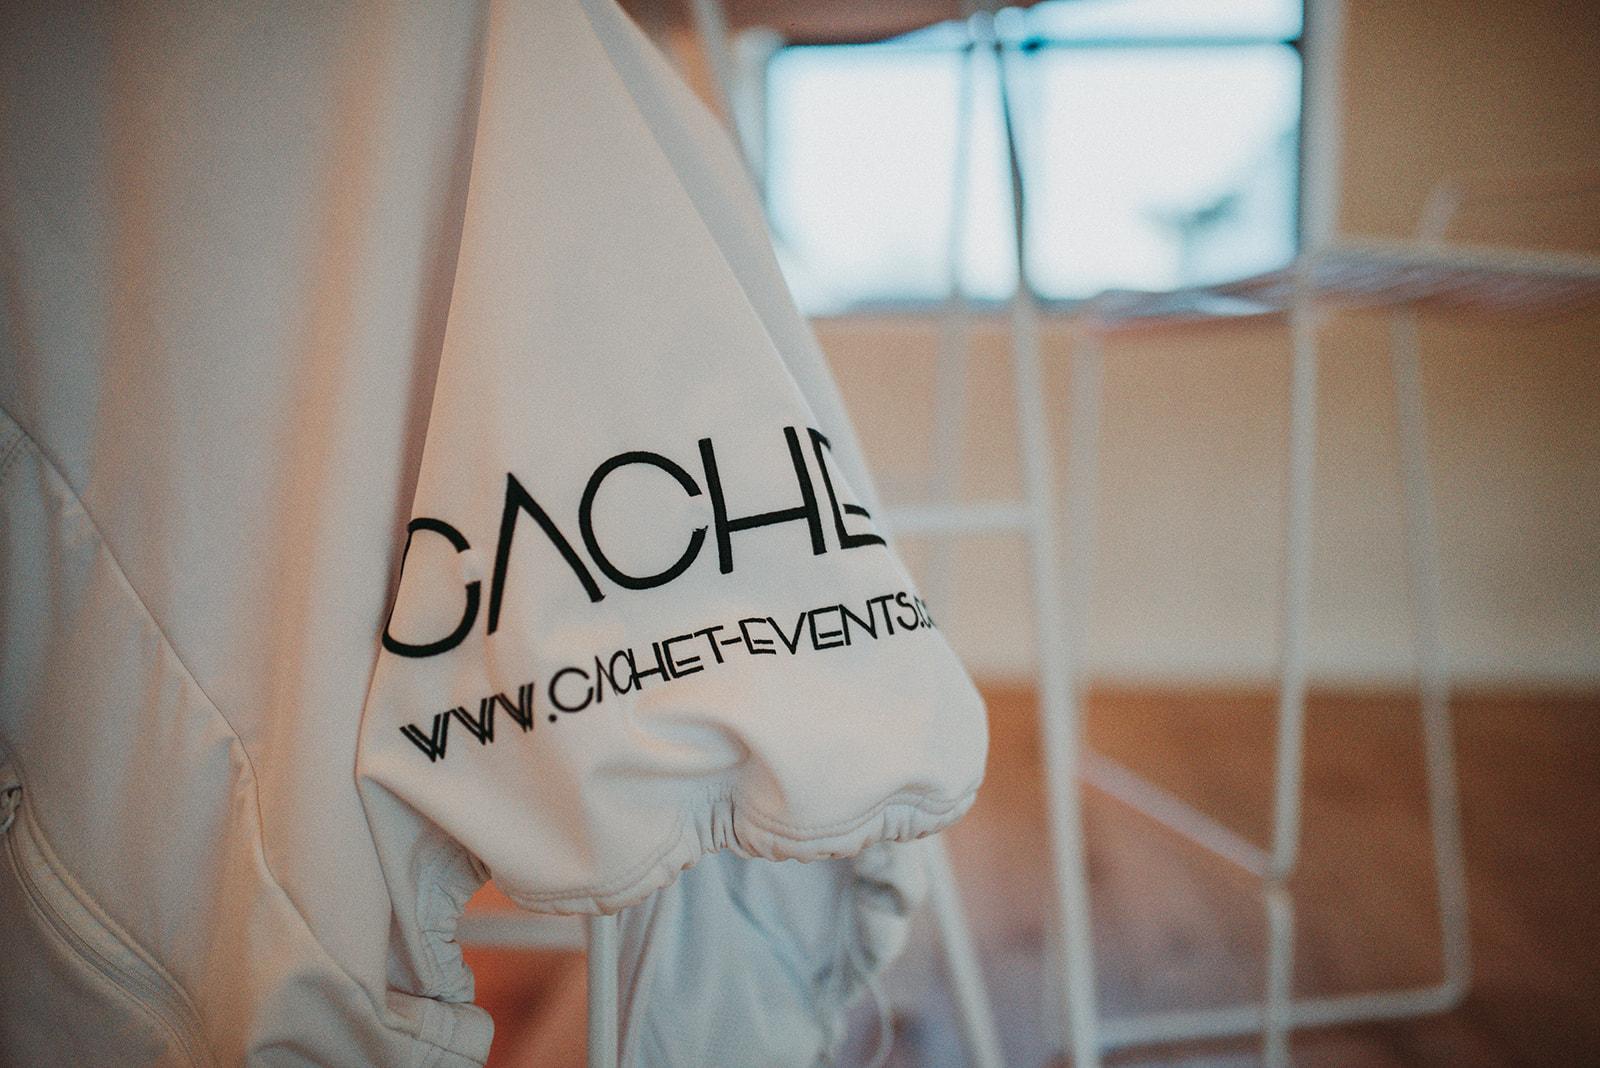 Cachet-WOW_Damman-55